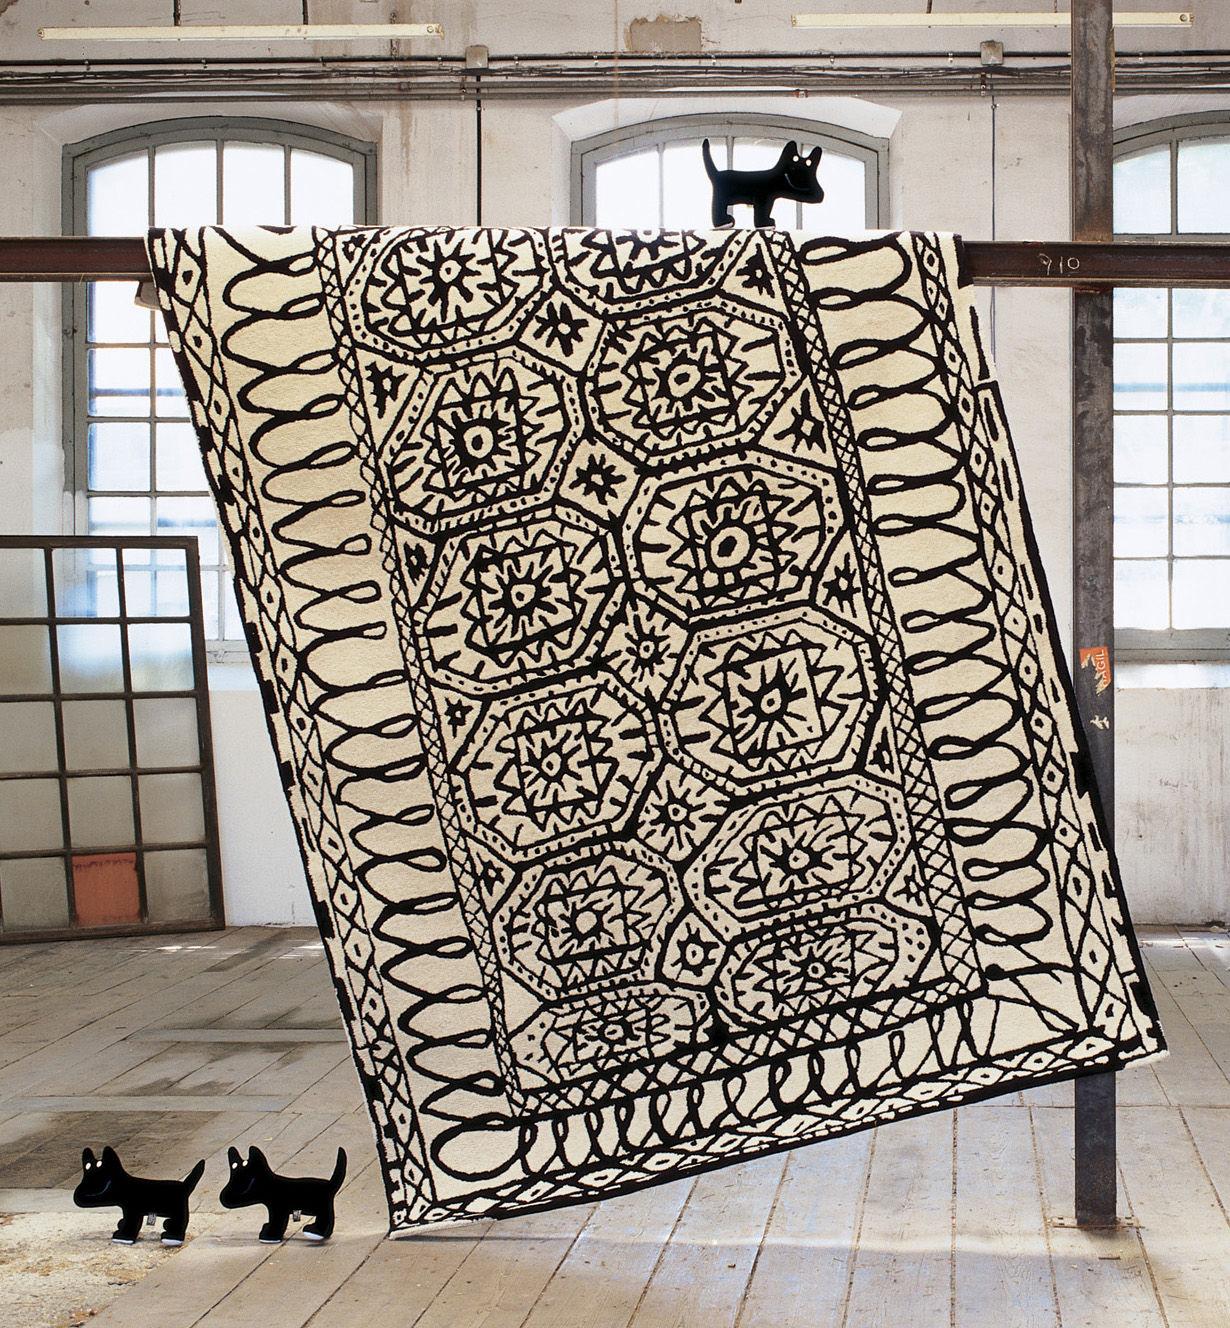 Möbel - Teppiche - Black on white - Estambul Teppich - Nanimarquina - 170 x 255 cm - schwarz und weiß - Wolle